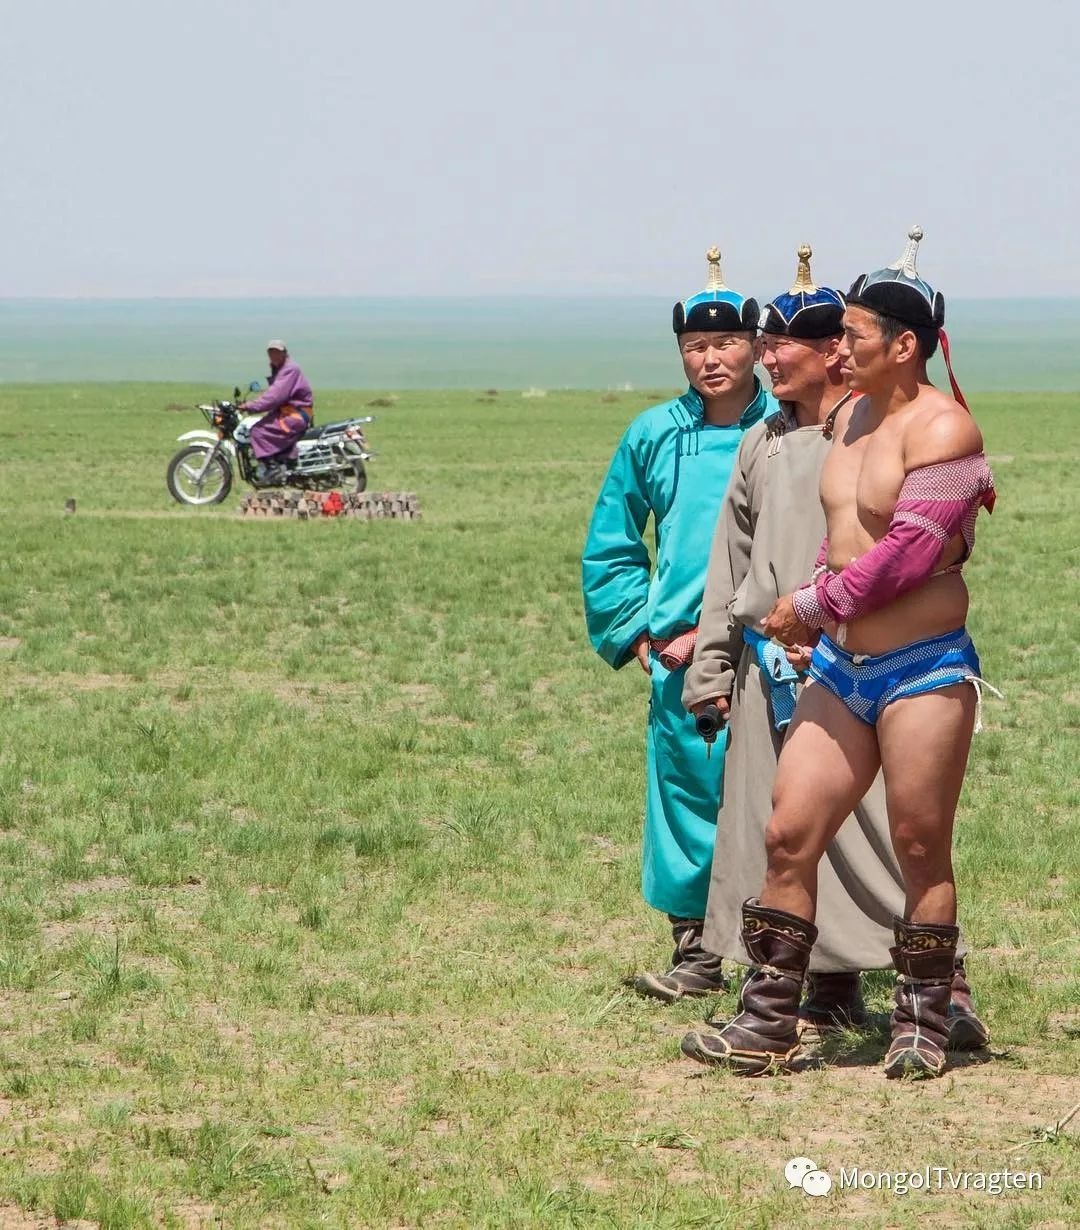 蒙古影像-Robert Michael Poole 第20张